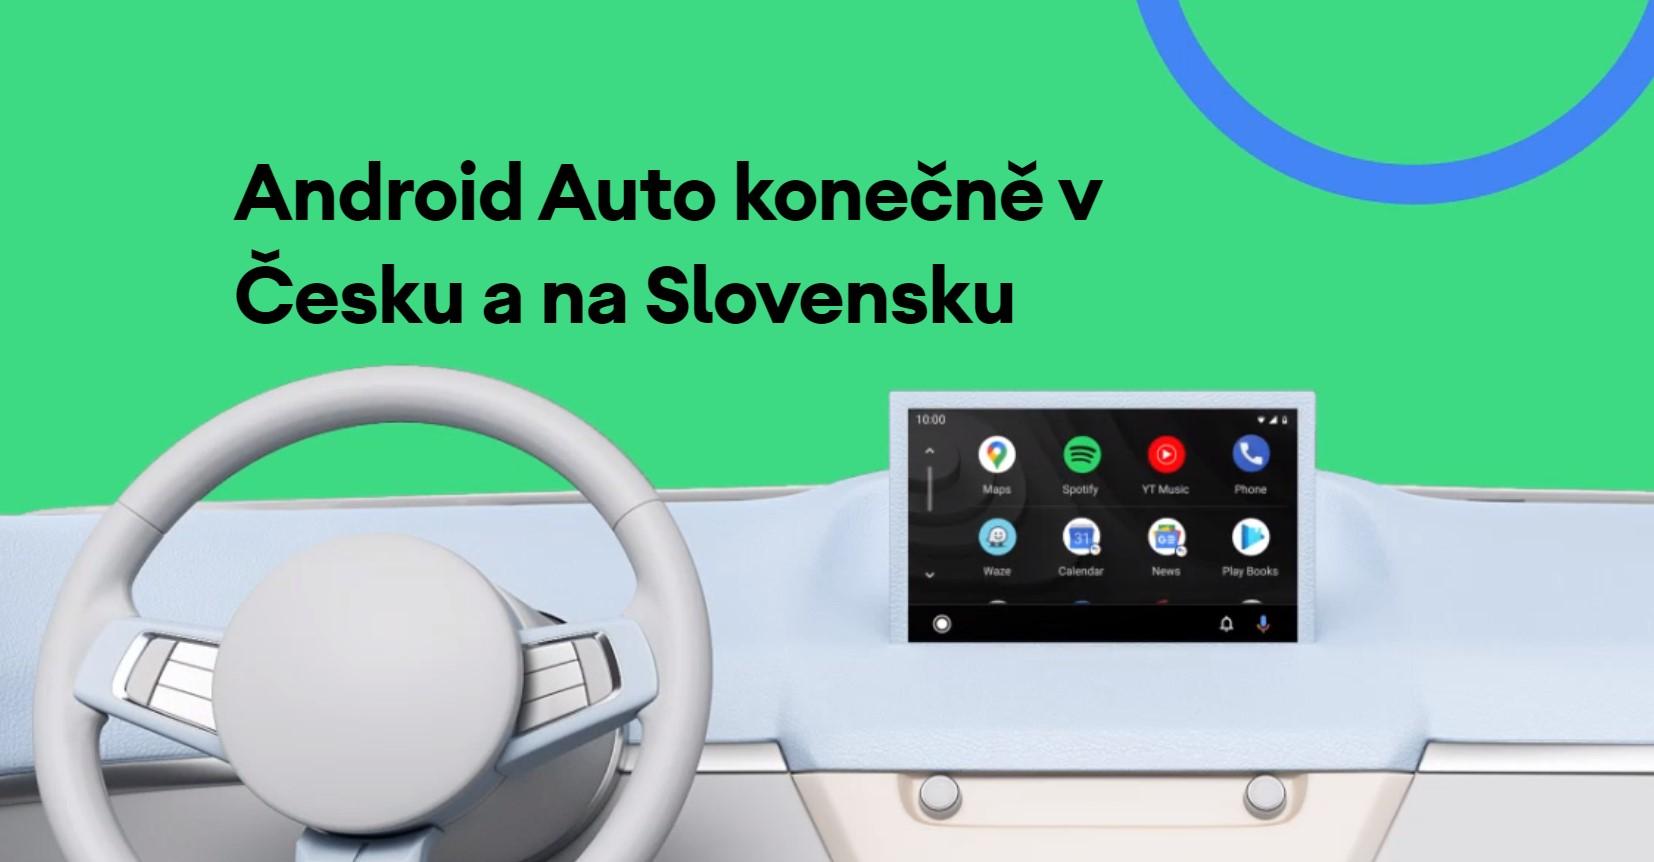 Konečně, Android Auto míří do Česka a na Slovensko